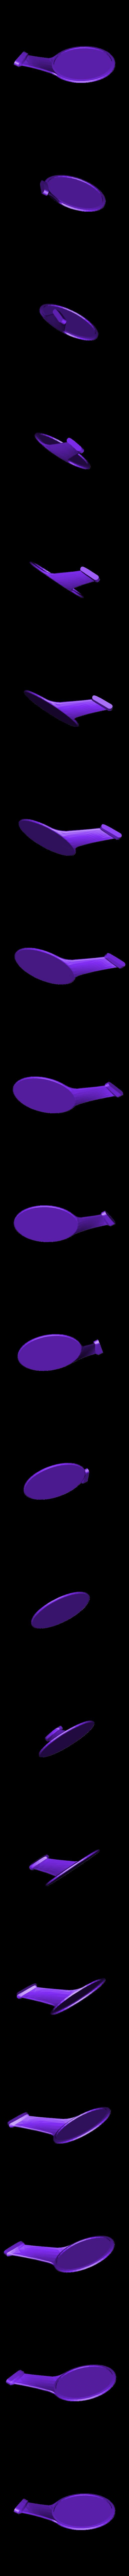 3.stl Télécharger fichier STL gratuit Articulations de la voûte plantaire • Design pour impression 3D, indigo4